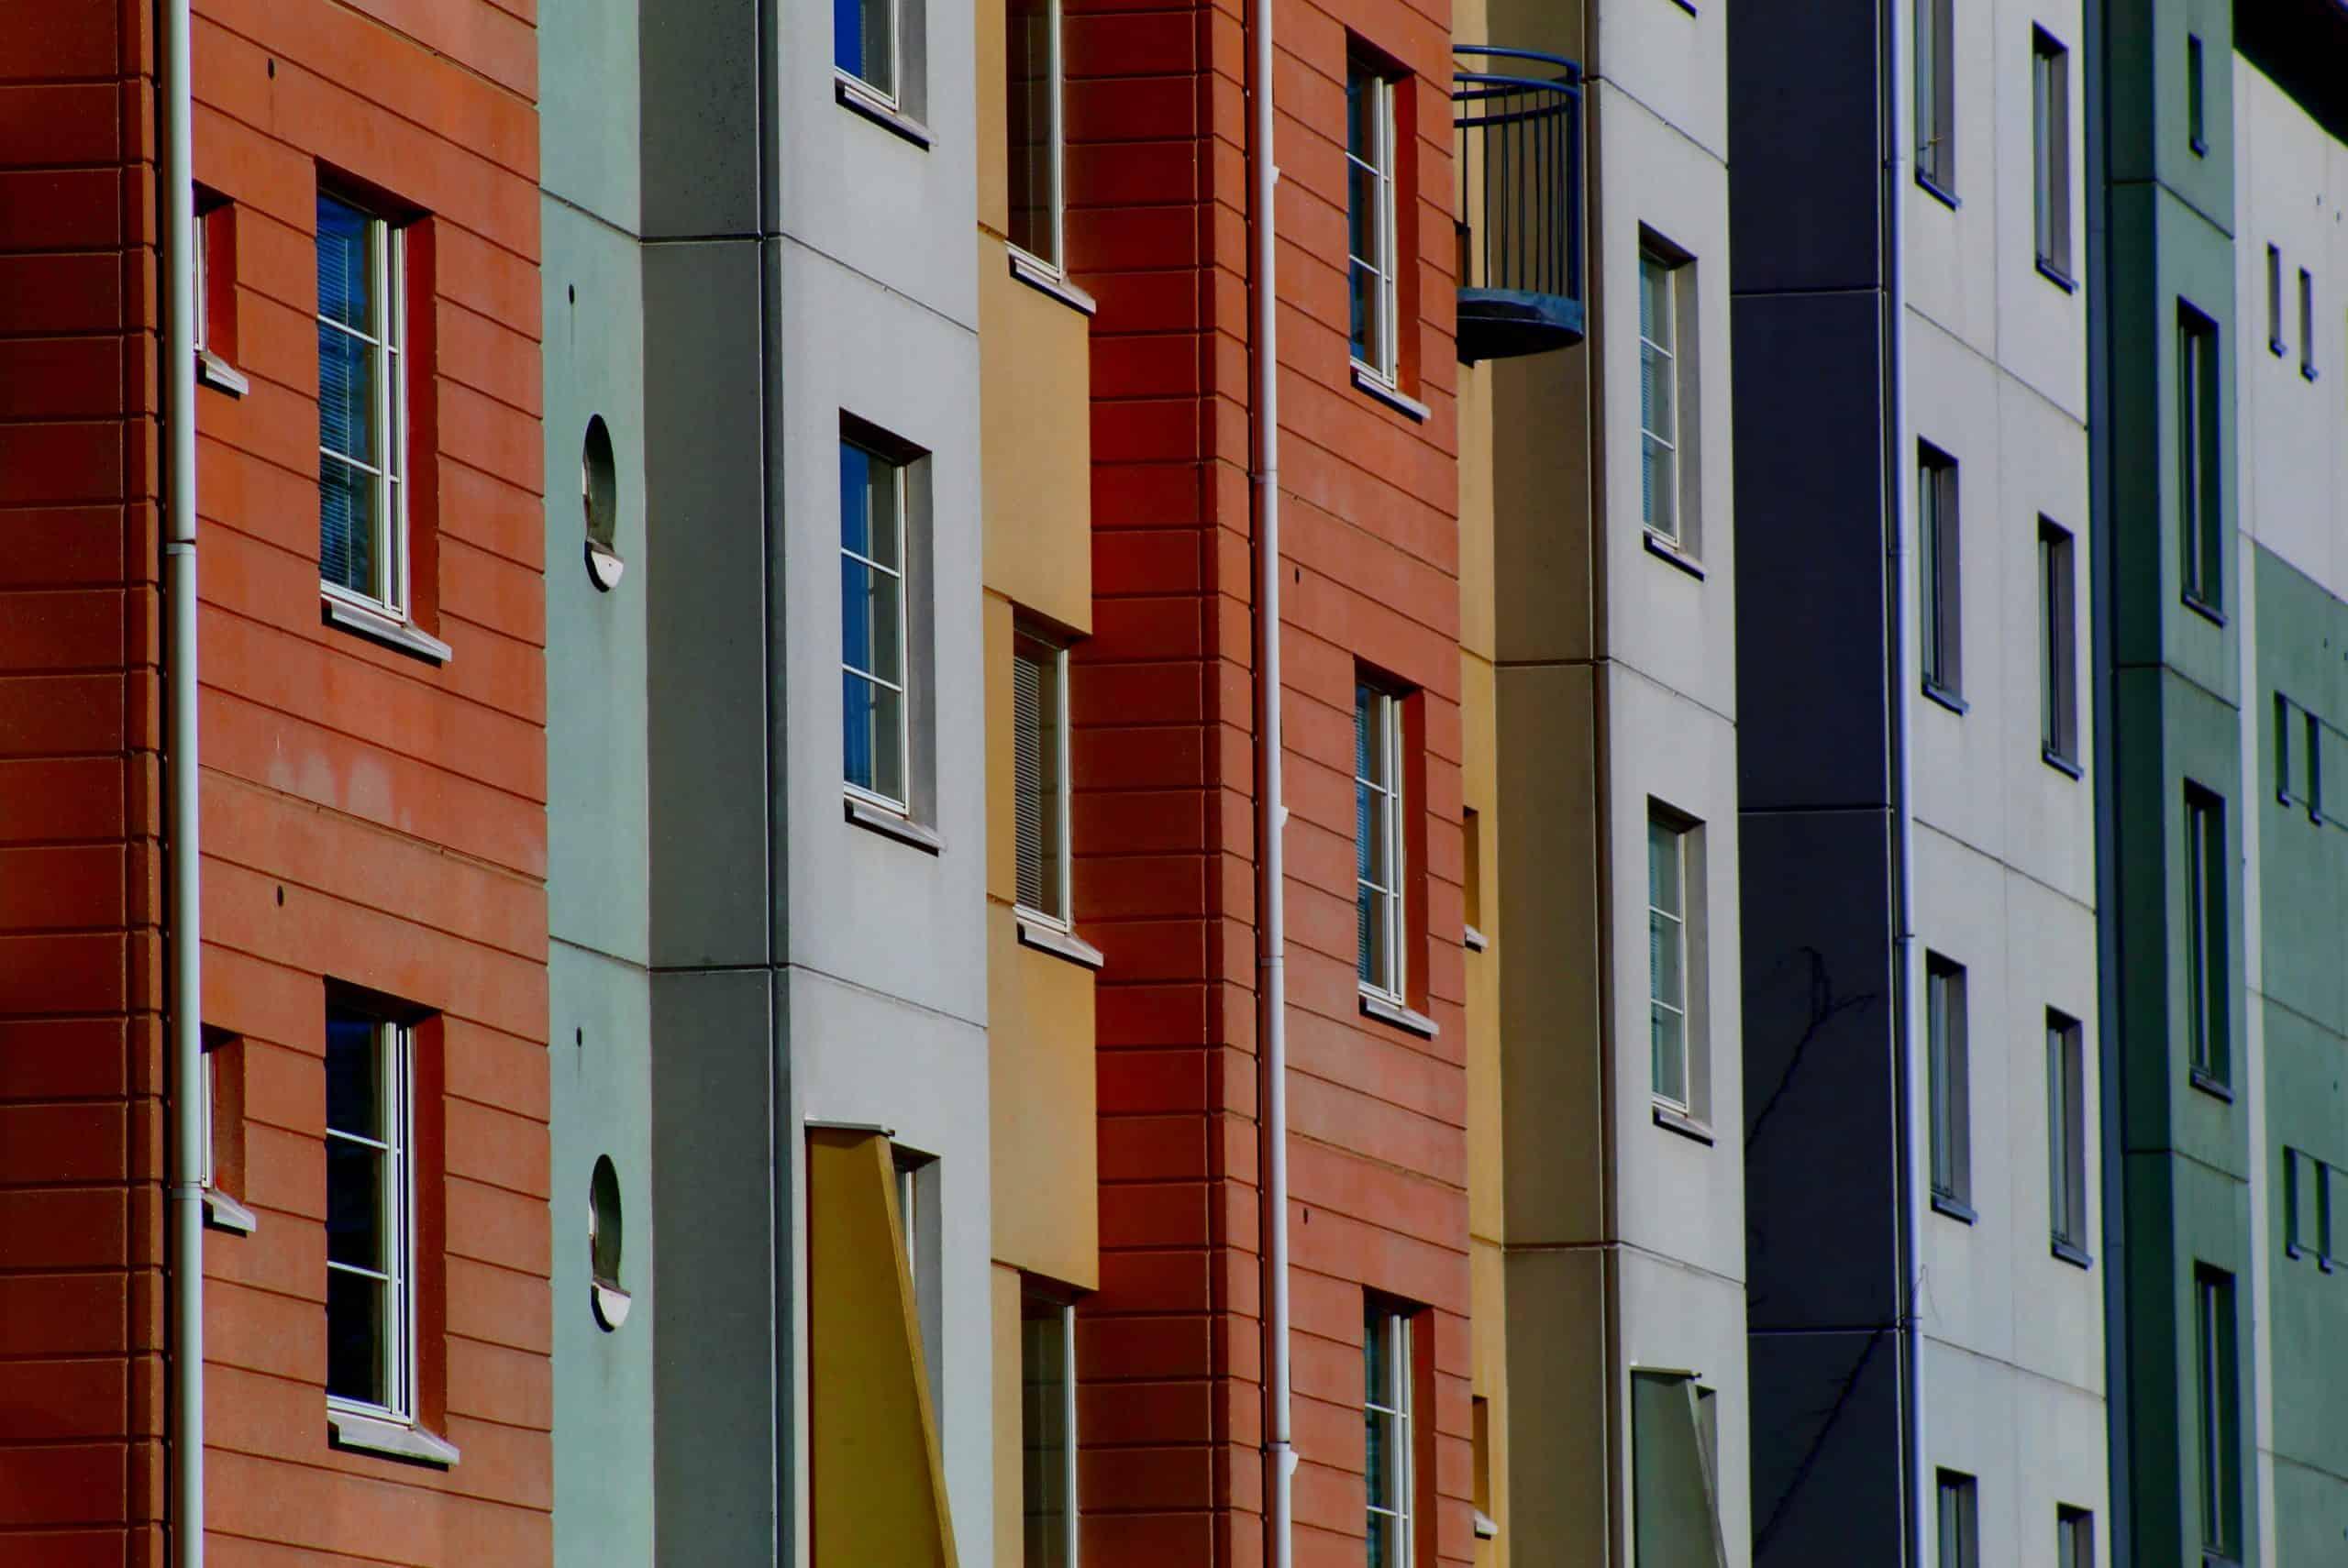 Immobilieninvestor aus Frankfurt kauft Mainzer Wohnviertel